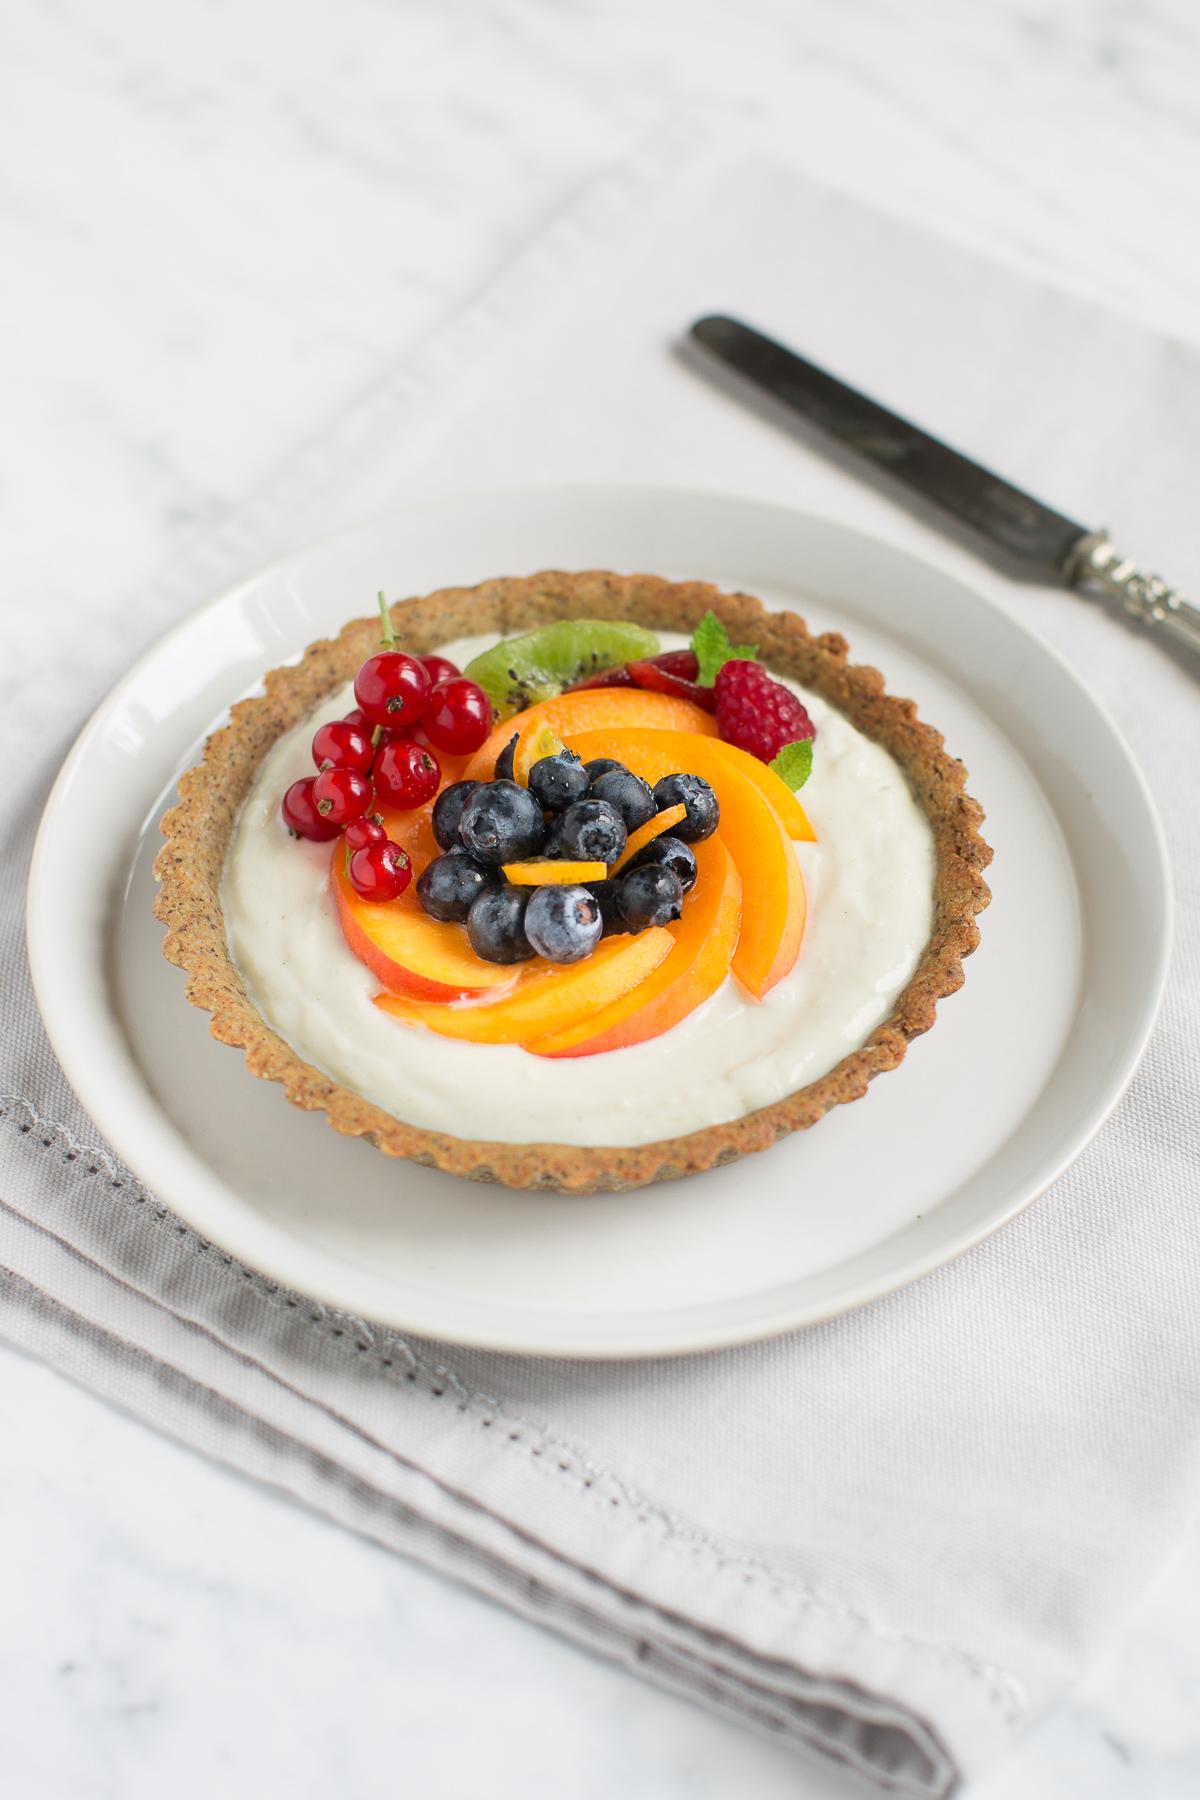 glutenfree vegan fresh fruit yogurt tart recipe - ricetta crostata allo yogurt frutta fresca vegan senza glutine